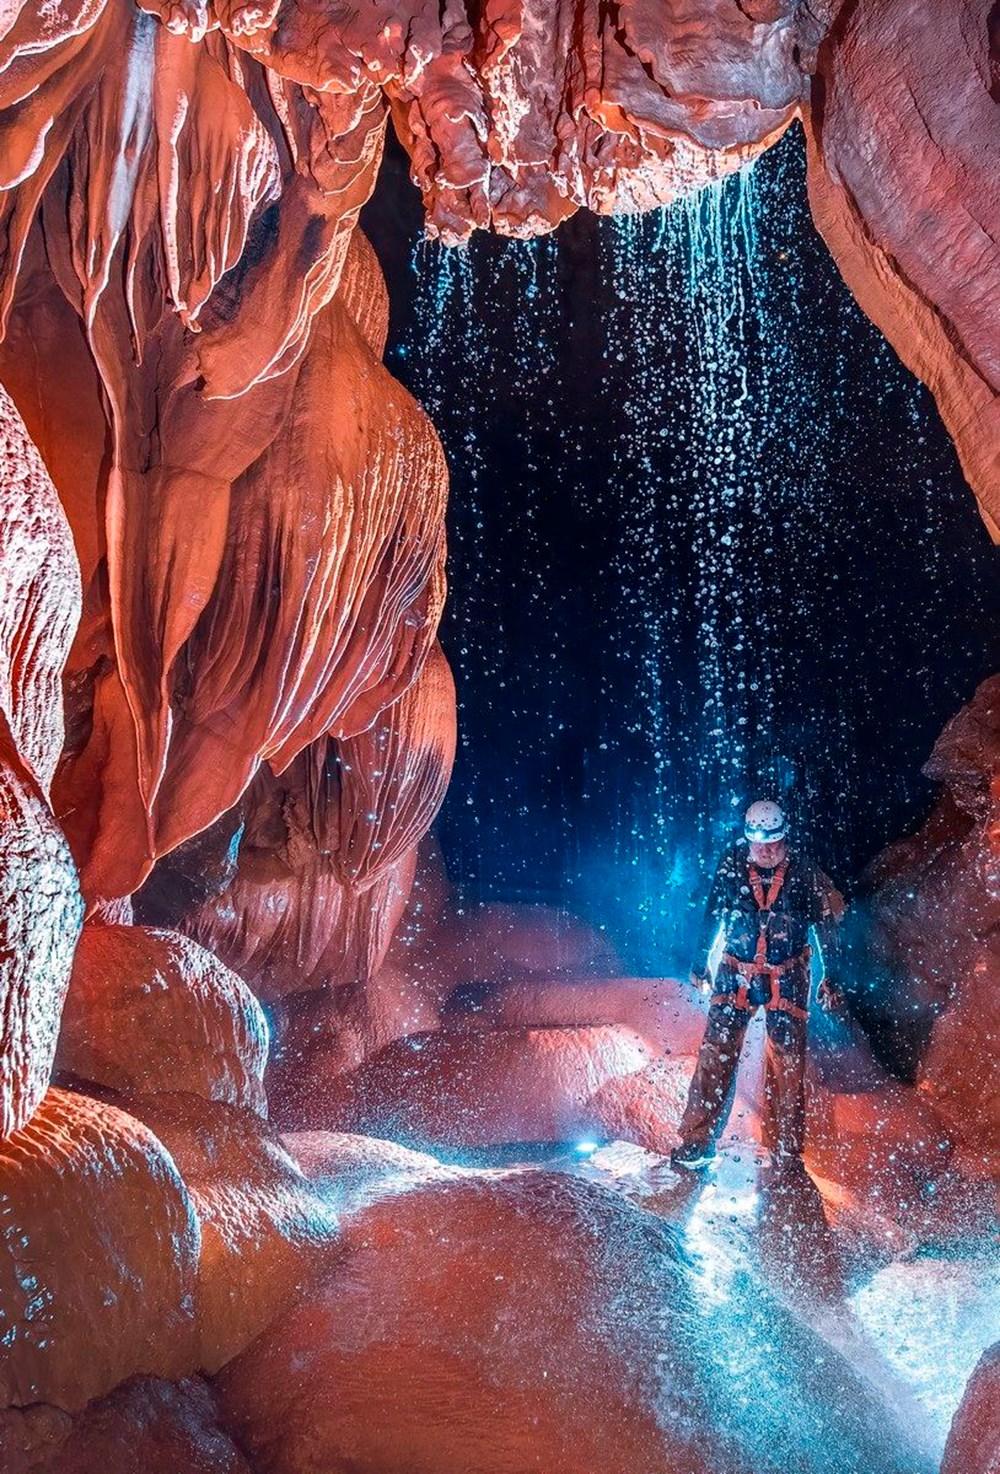 Safranbolu Bulak Mağarası'nda gizemli bir not bulundu: İkiniz orada mısınız? Biz burada sizi arıyoruz - 6